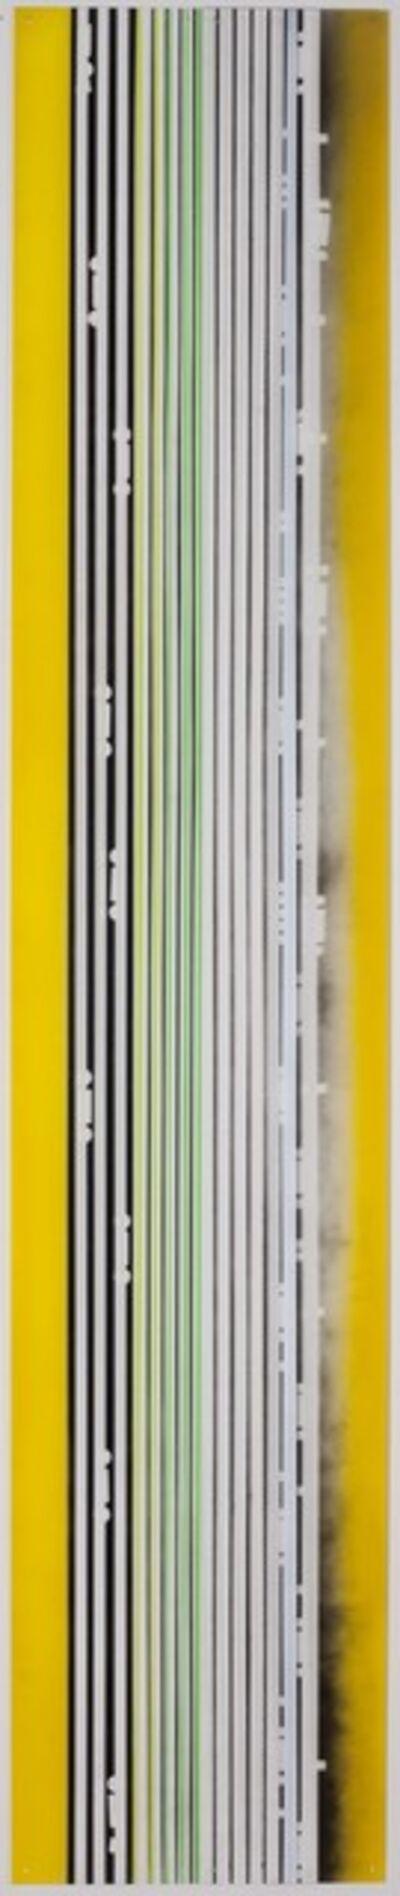 Paolo Masi, 'Senza titolo', ca. 2000